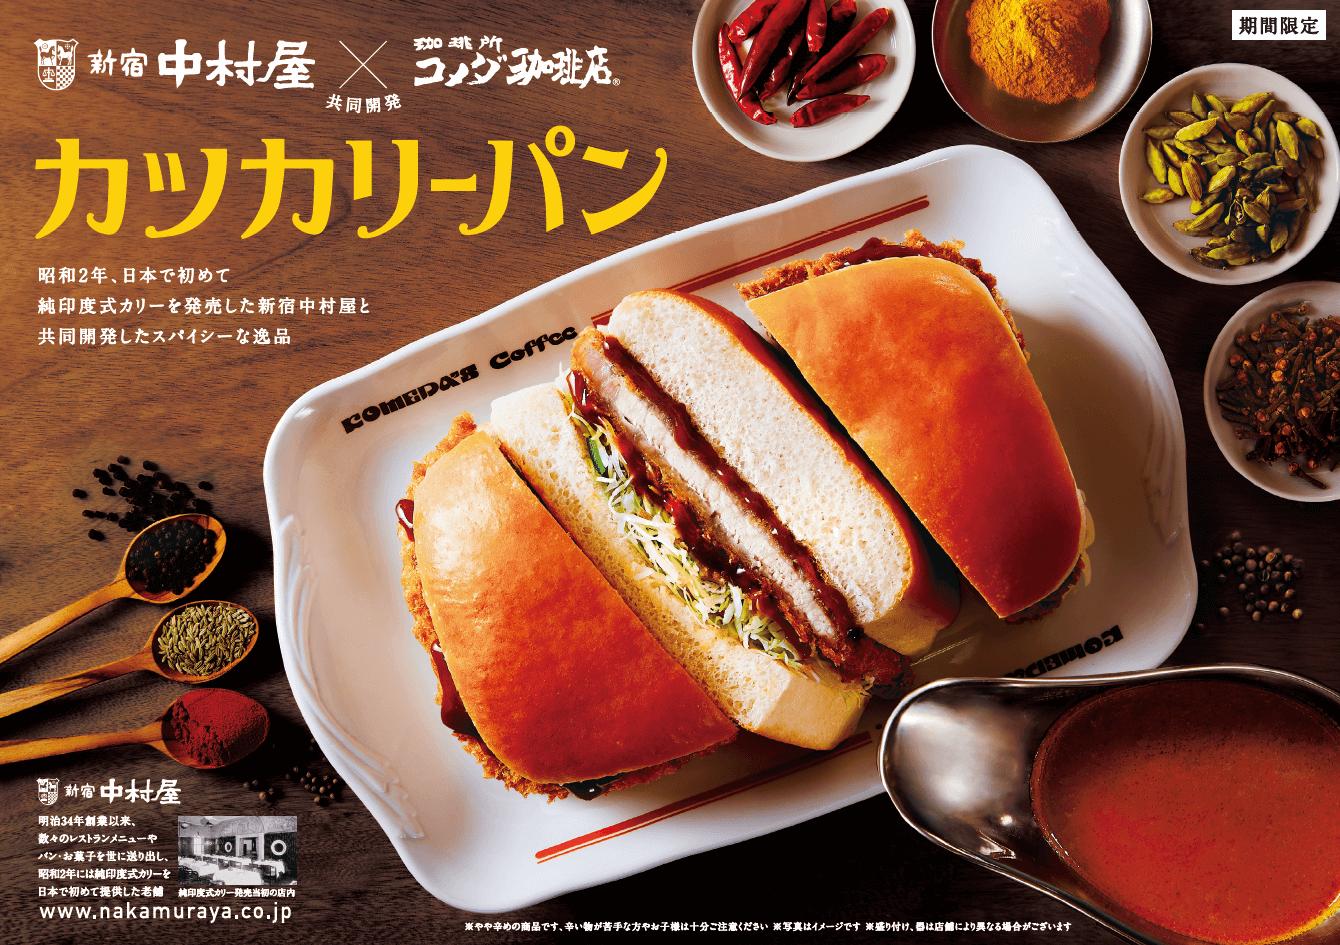 コメダ珈琲店 komeda coffee カレーパン curry bread2